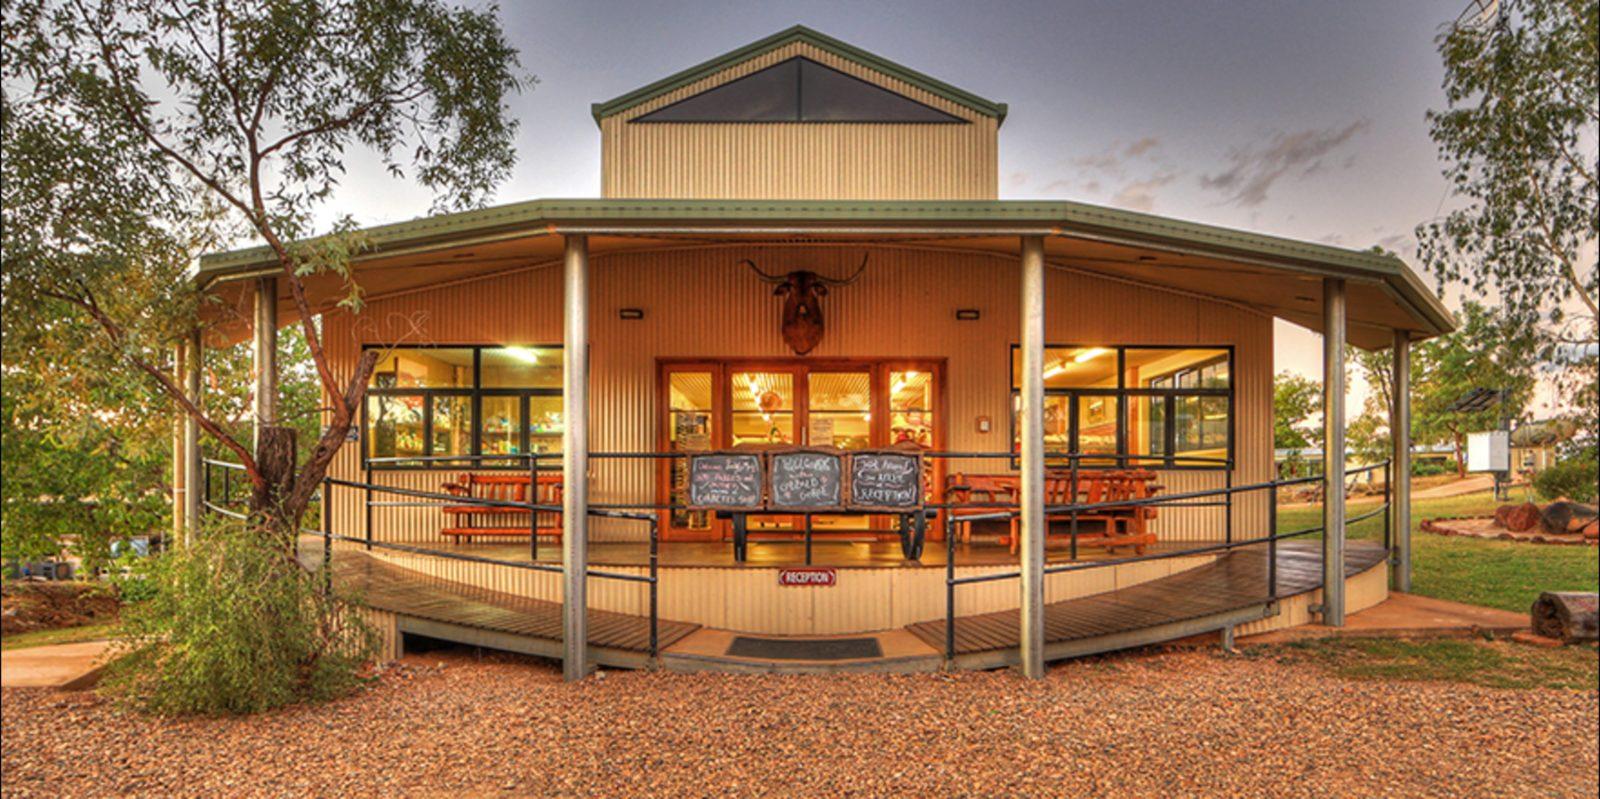 Cobbold Village Reception